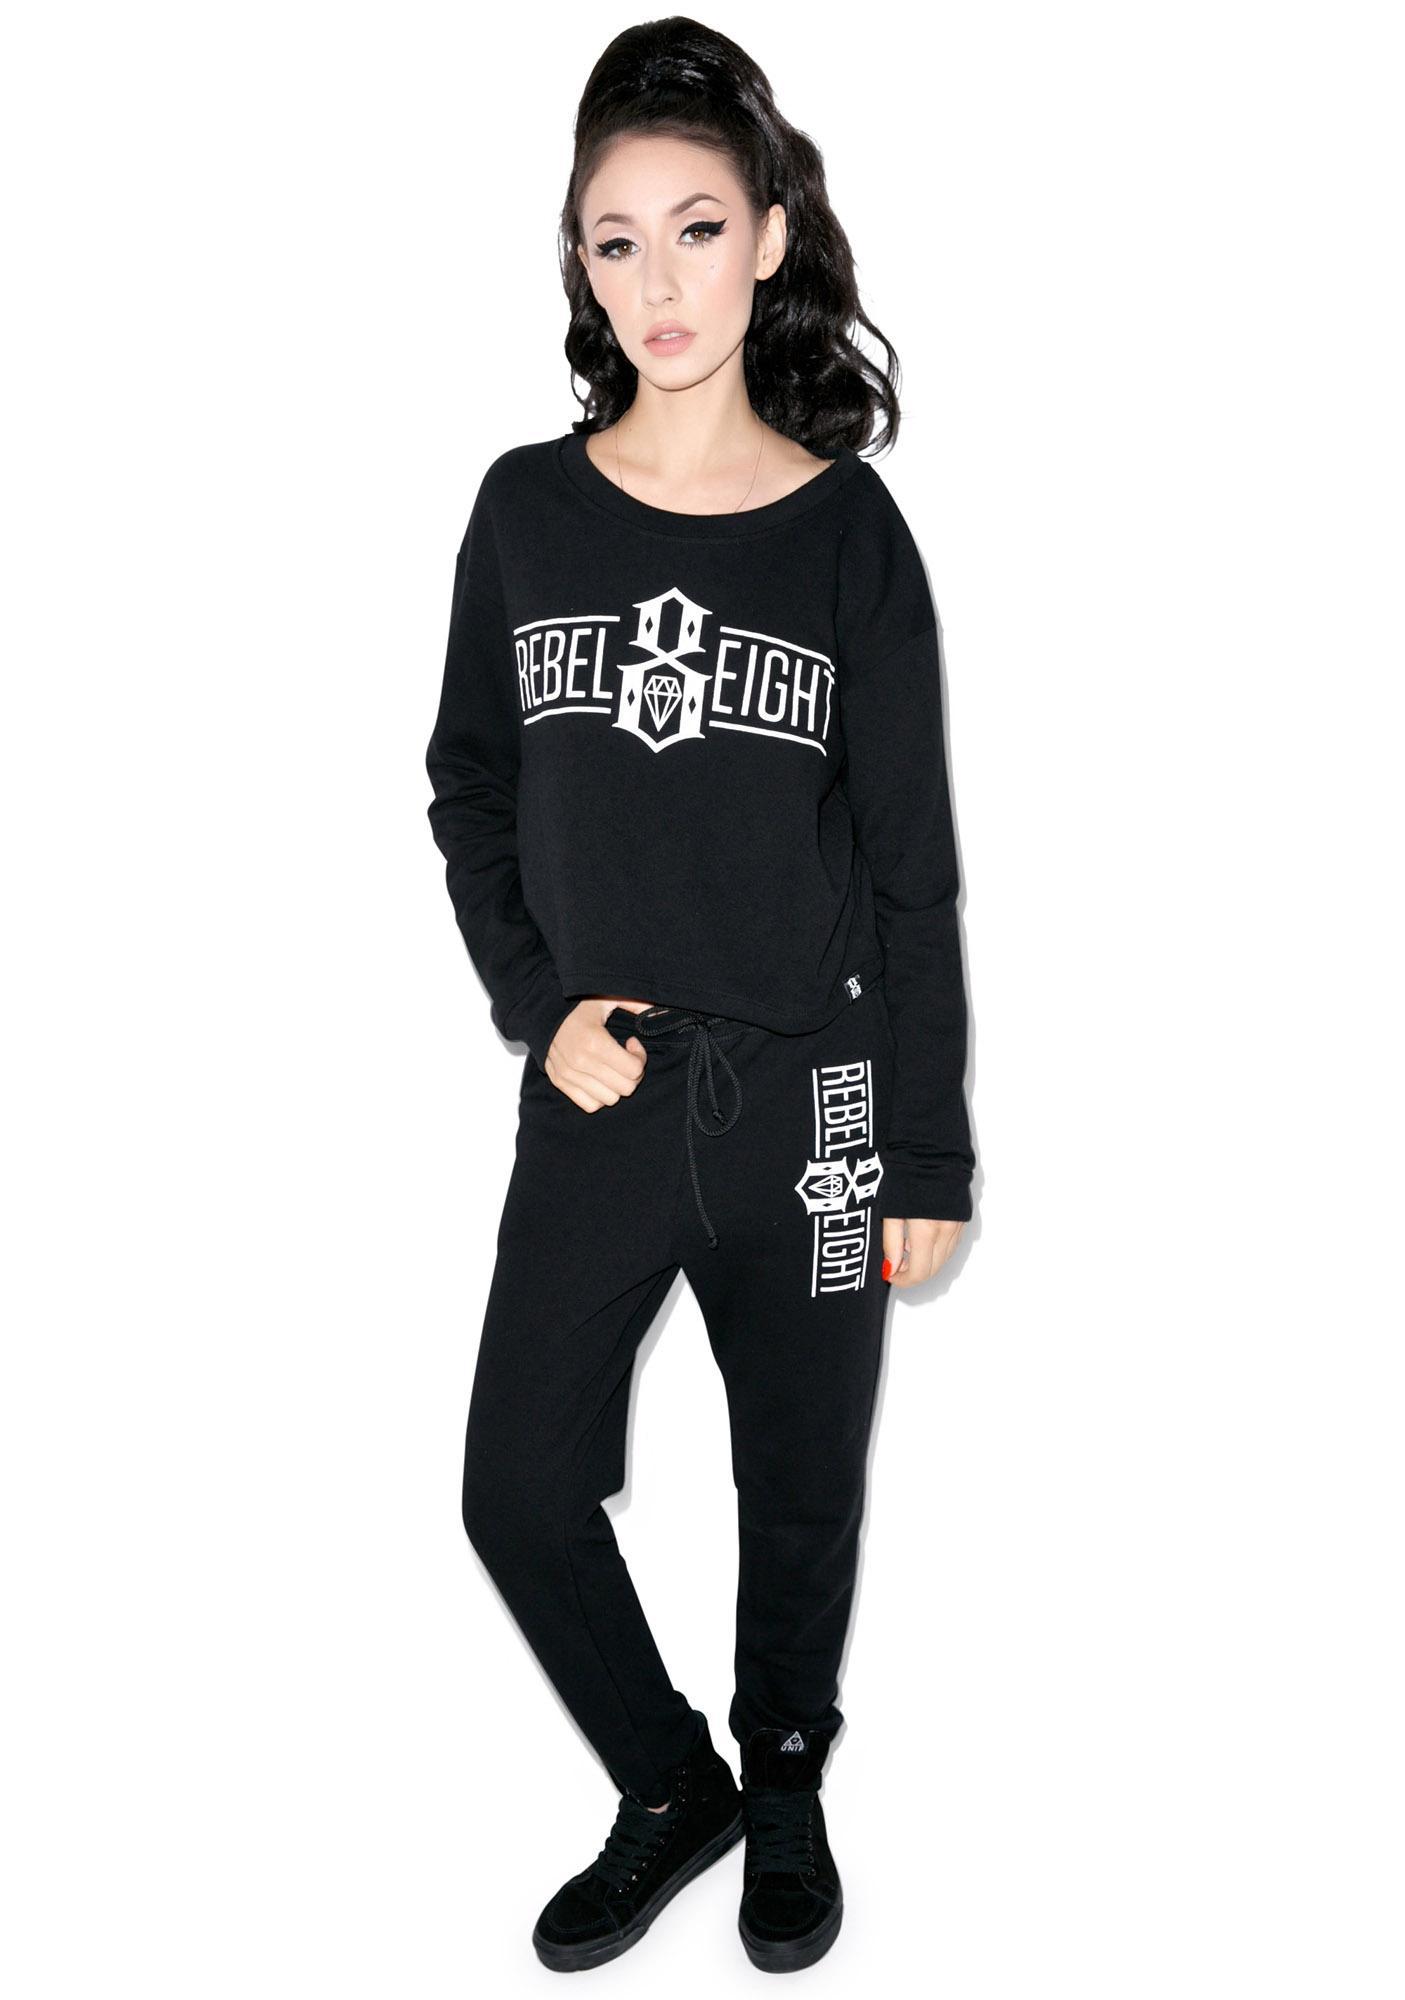 Rebel8 Logo Crop Top Sweatshirt